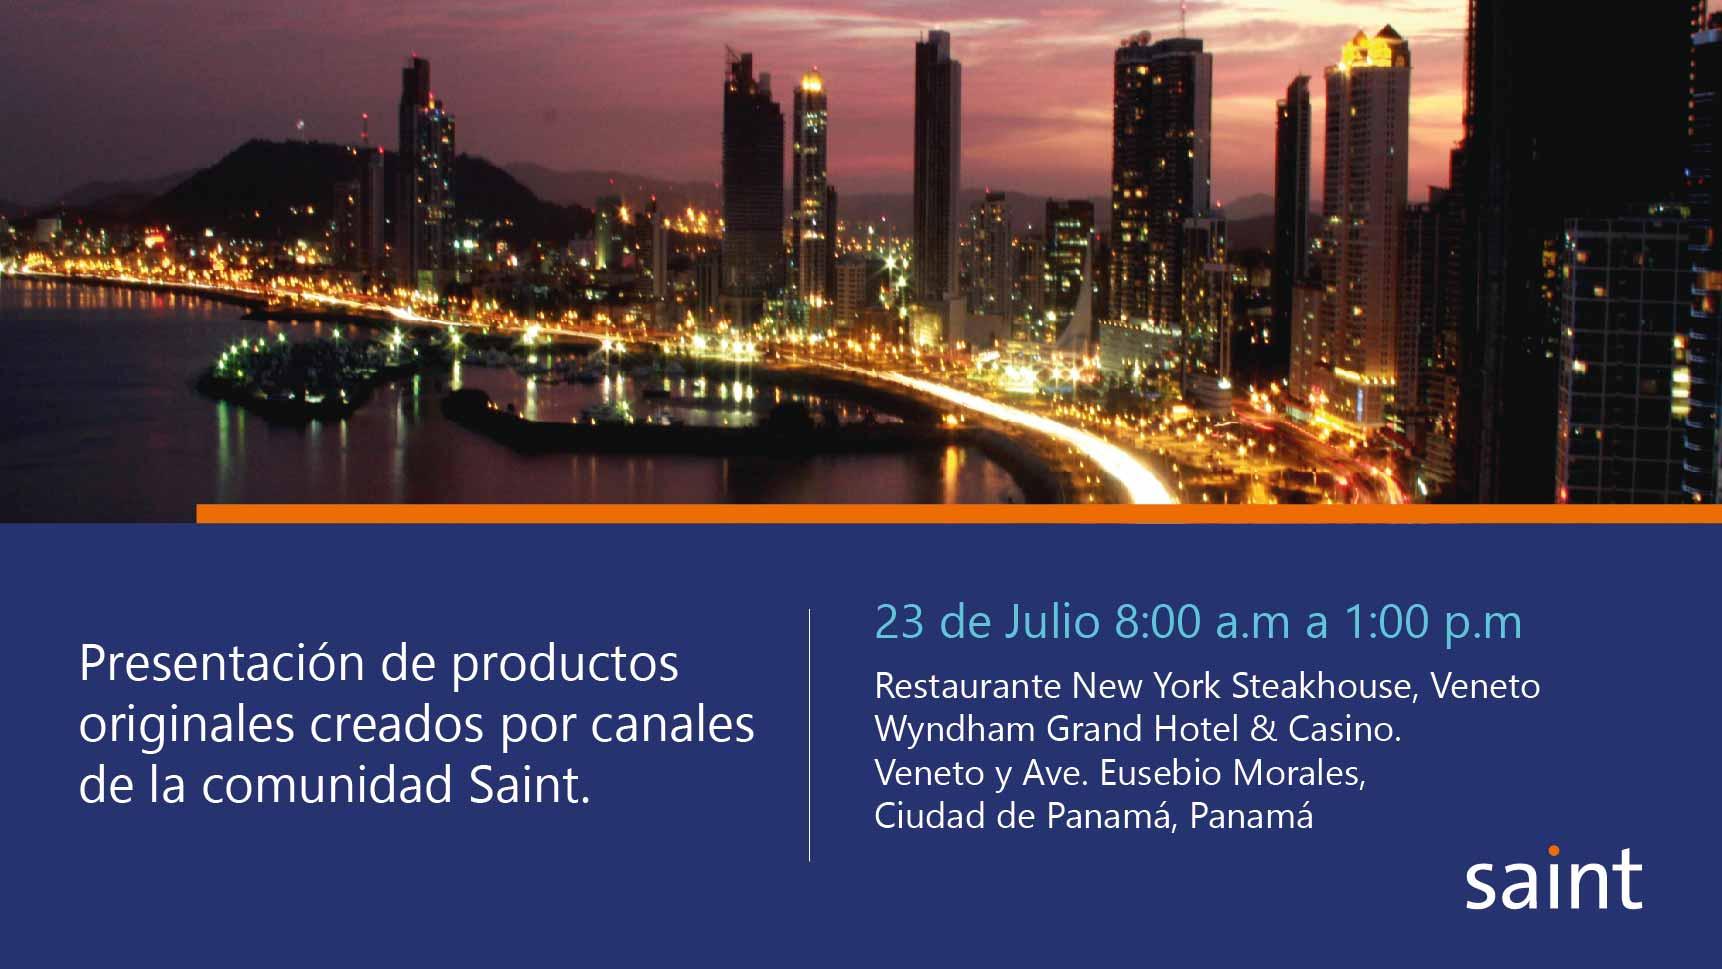 El 23 de julio habrá demostración de software complementario, ANNUAL Enterprise en Panamá